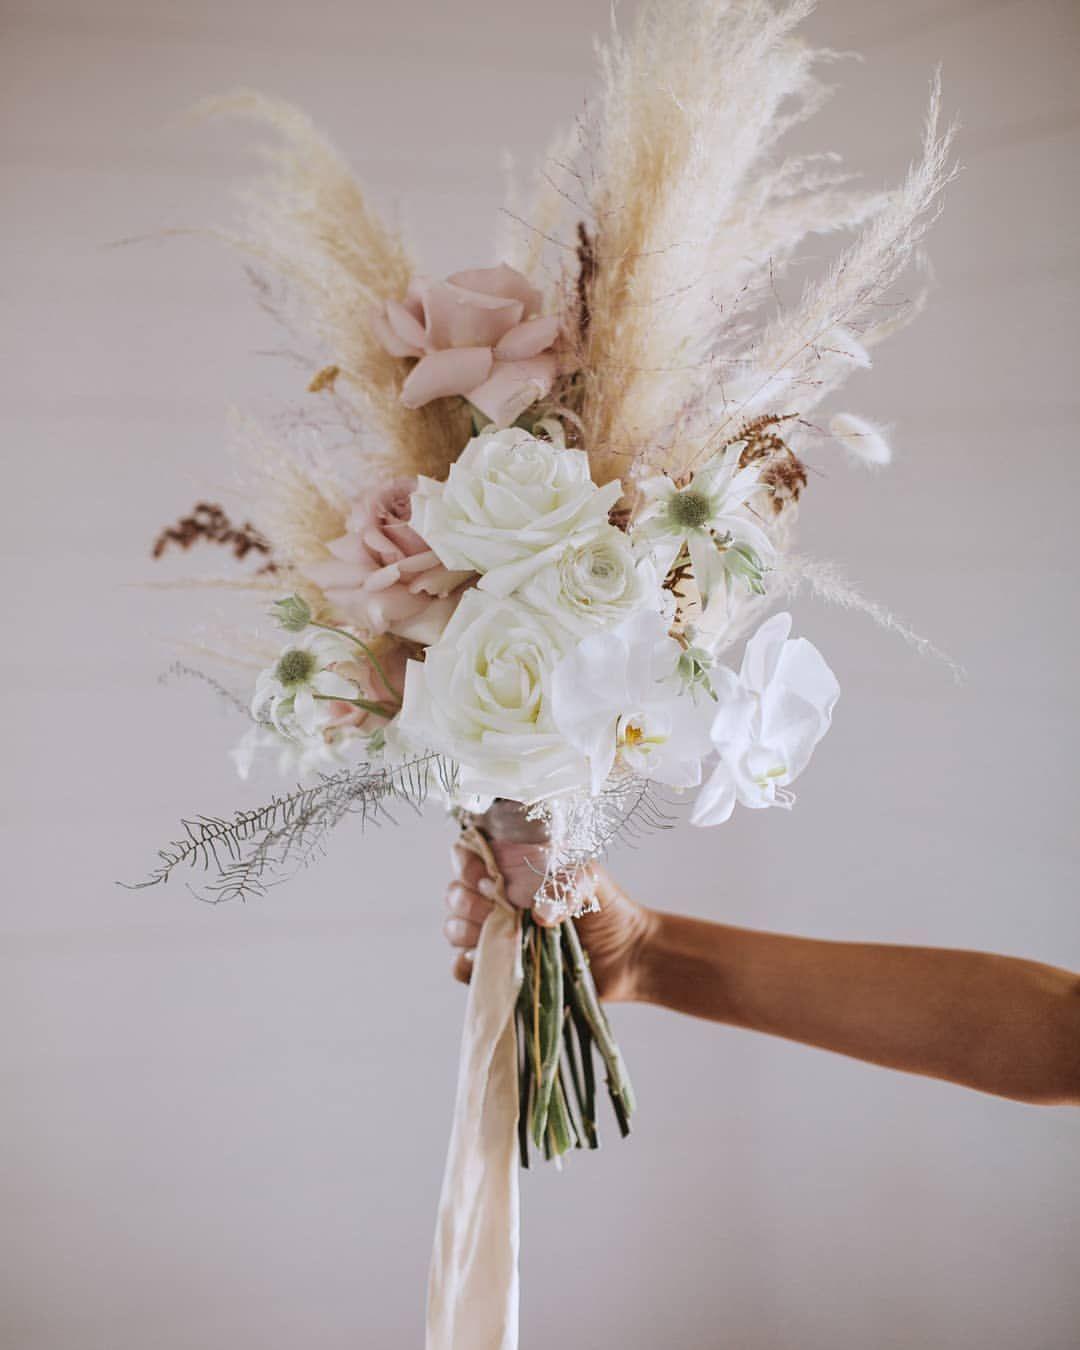 """Styling & Furniture Hire sur Instagram: """"T H I S bouquet de mariée 💫 Superbe palette de couleurs douces et ces textures sont la perfection pure créée par les maîtres au travail …"""""""